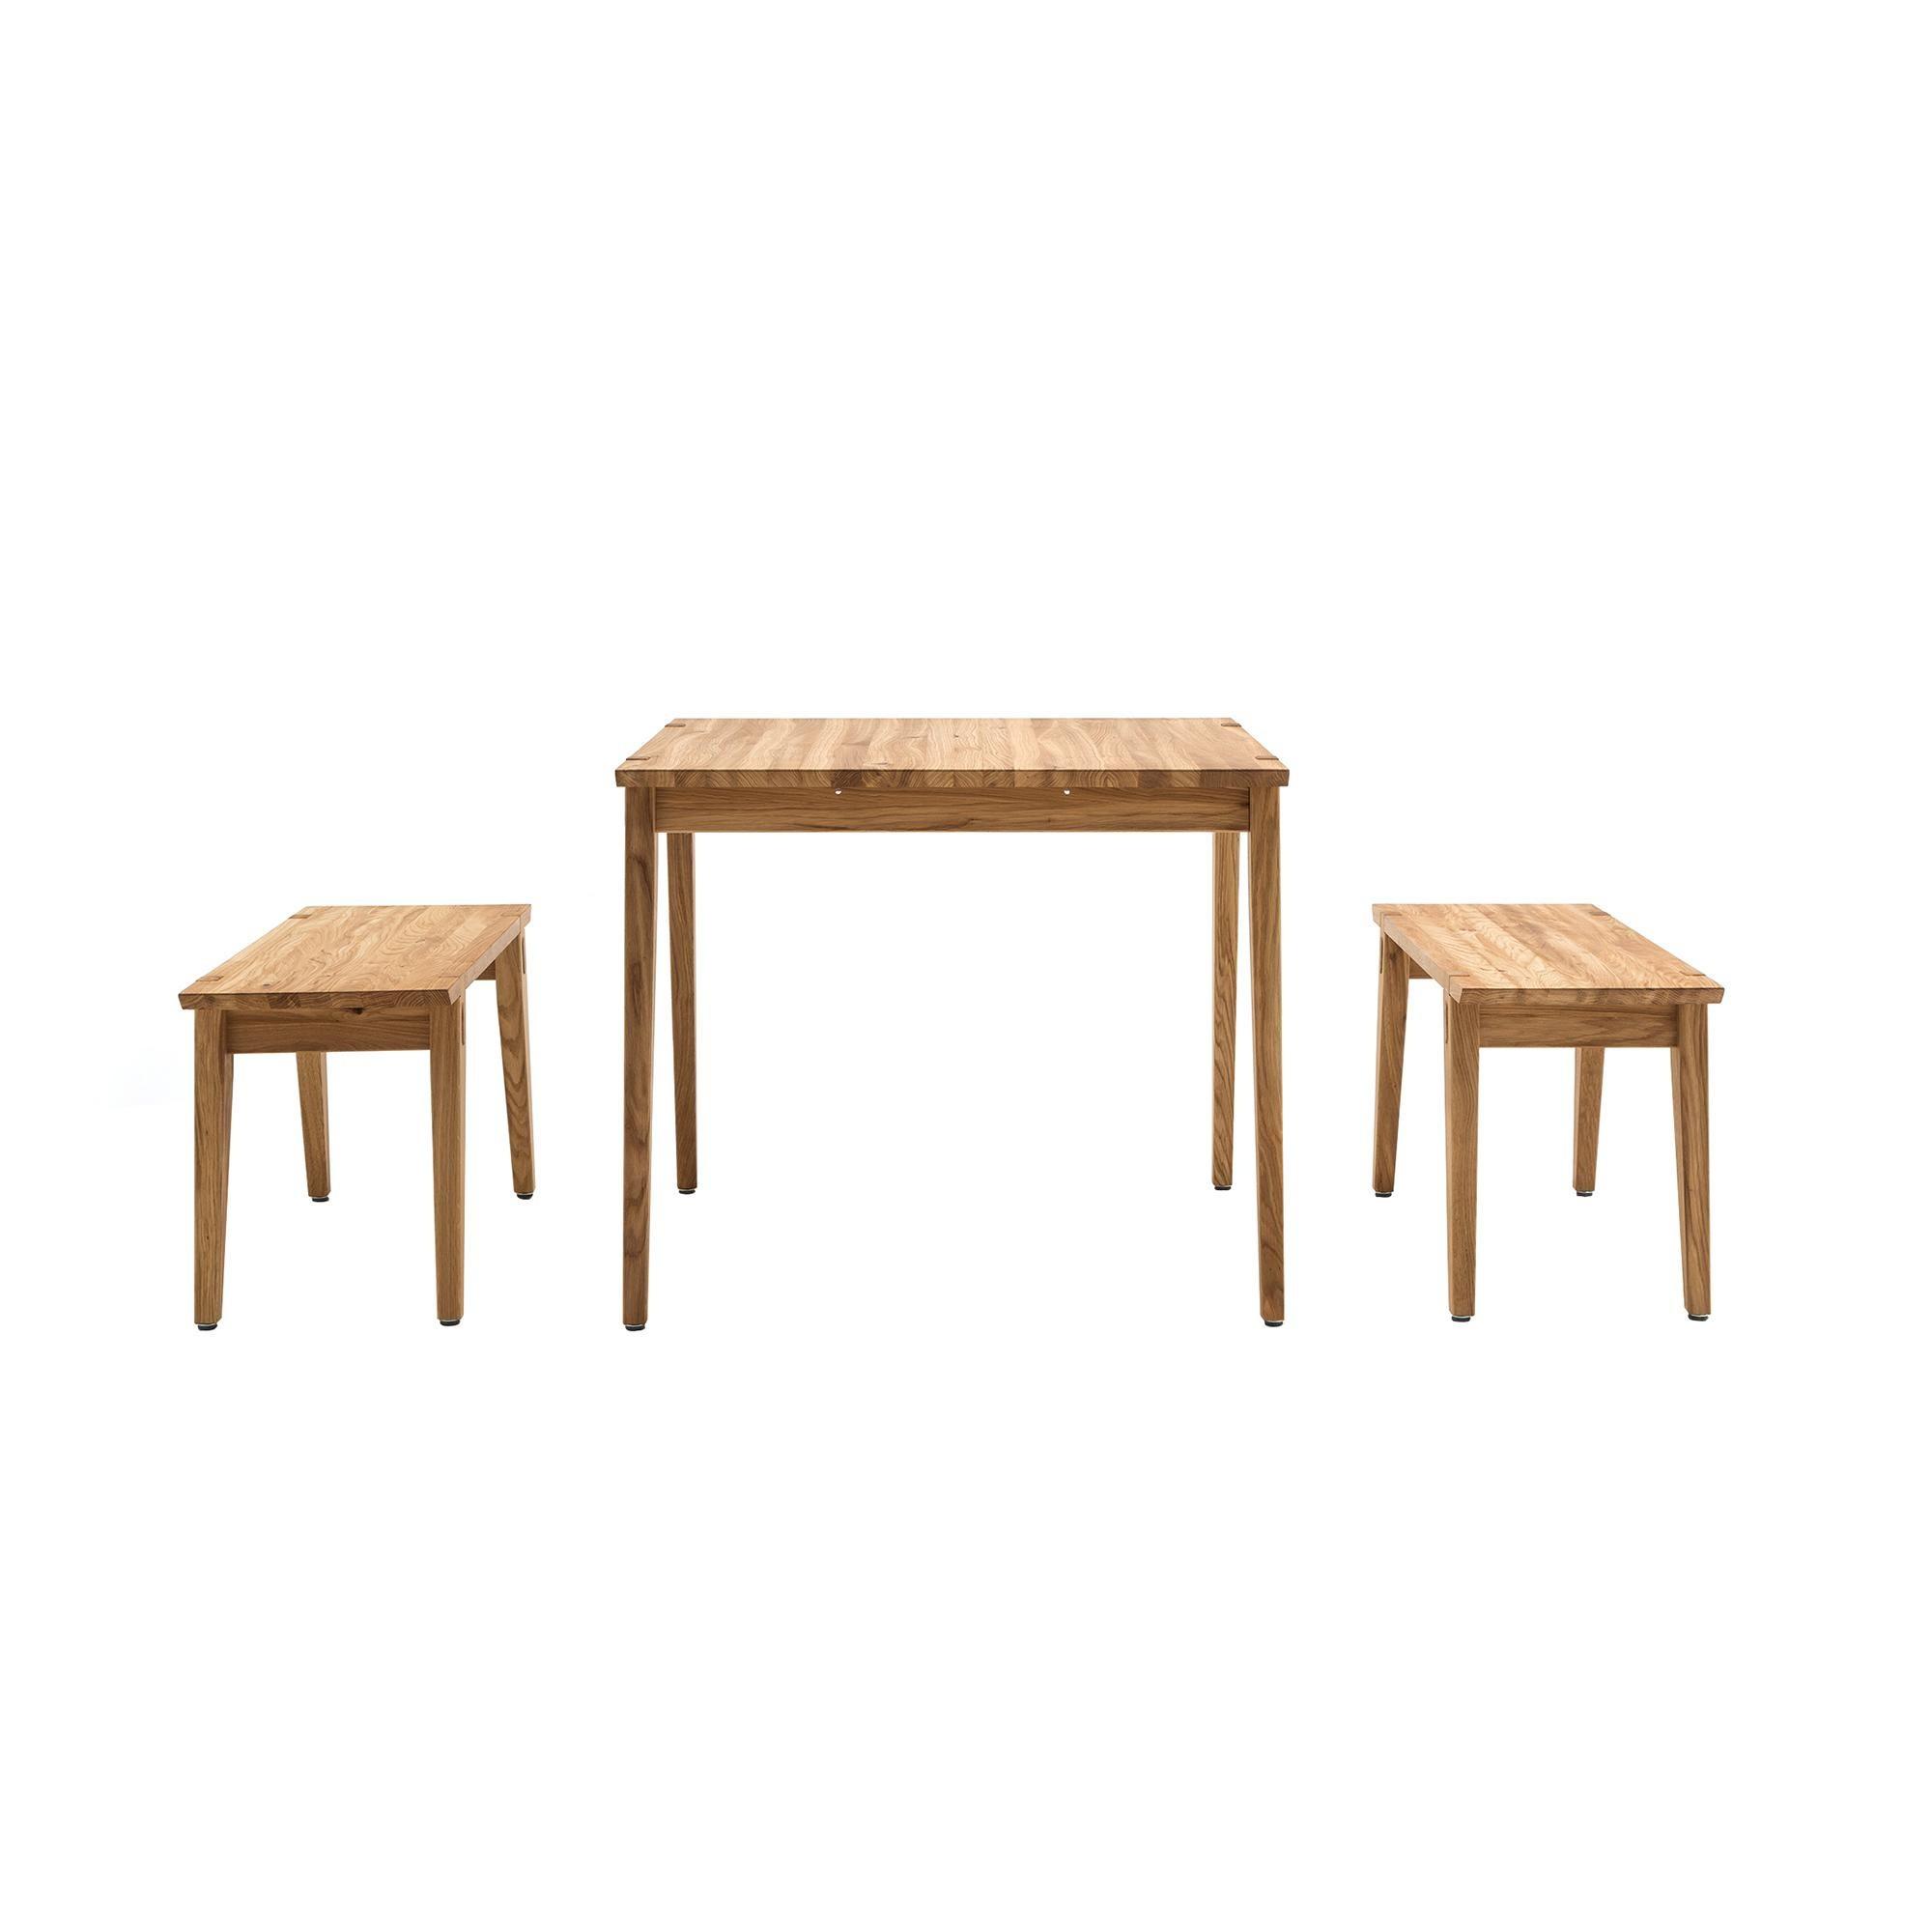 freistil rolf benz freistil 156 esstisch mit 2 b nken. Black Bedroom Furniture Sets. Home Design Ideas